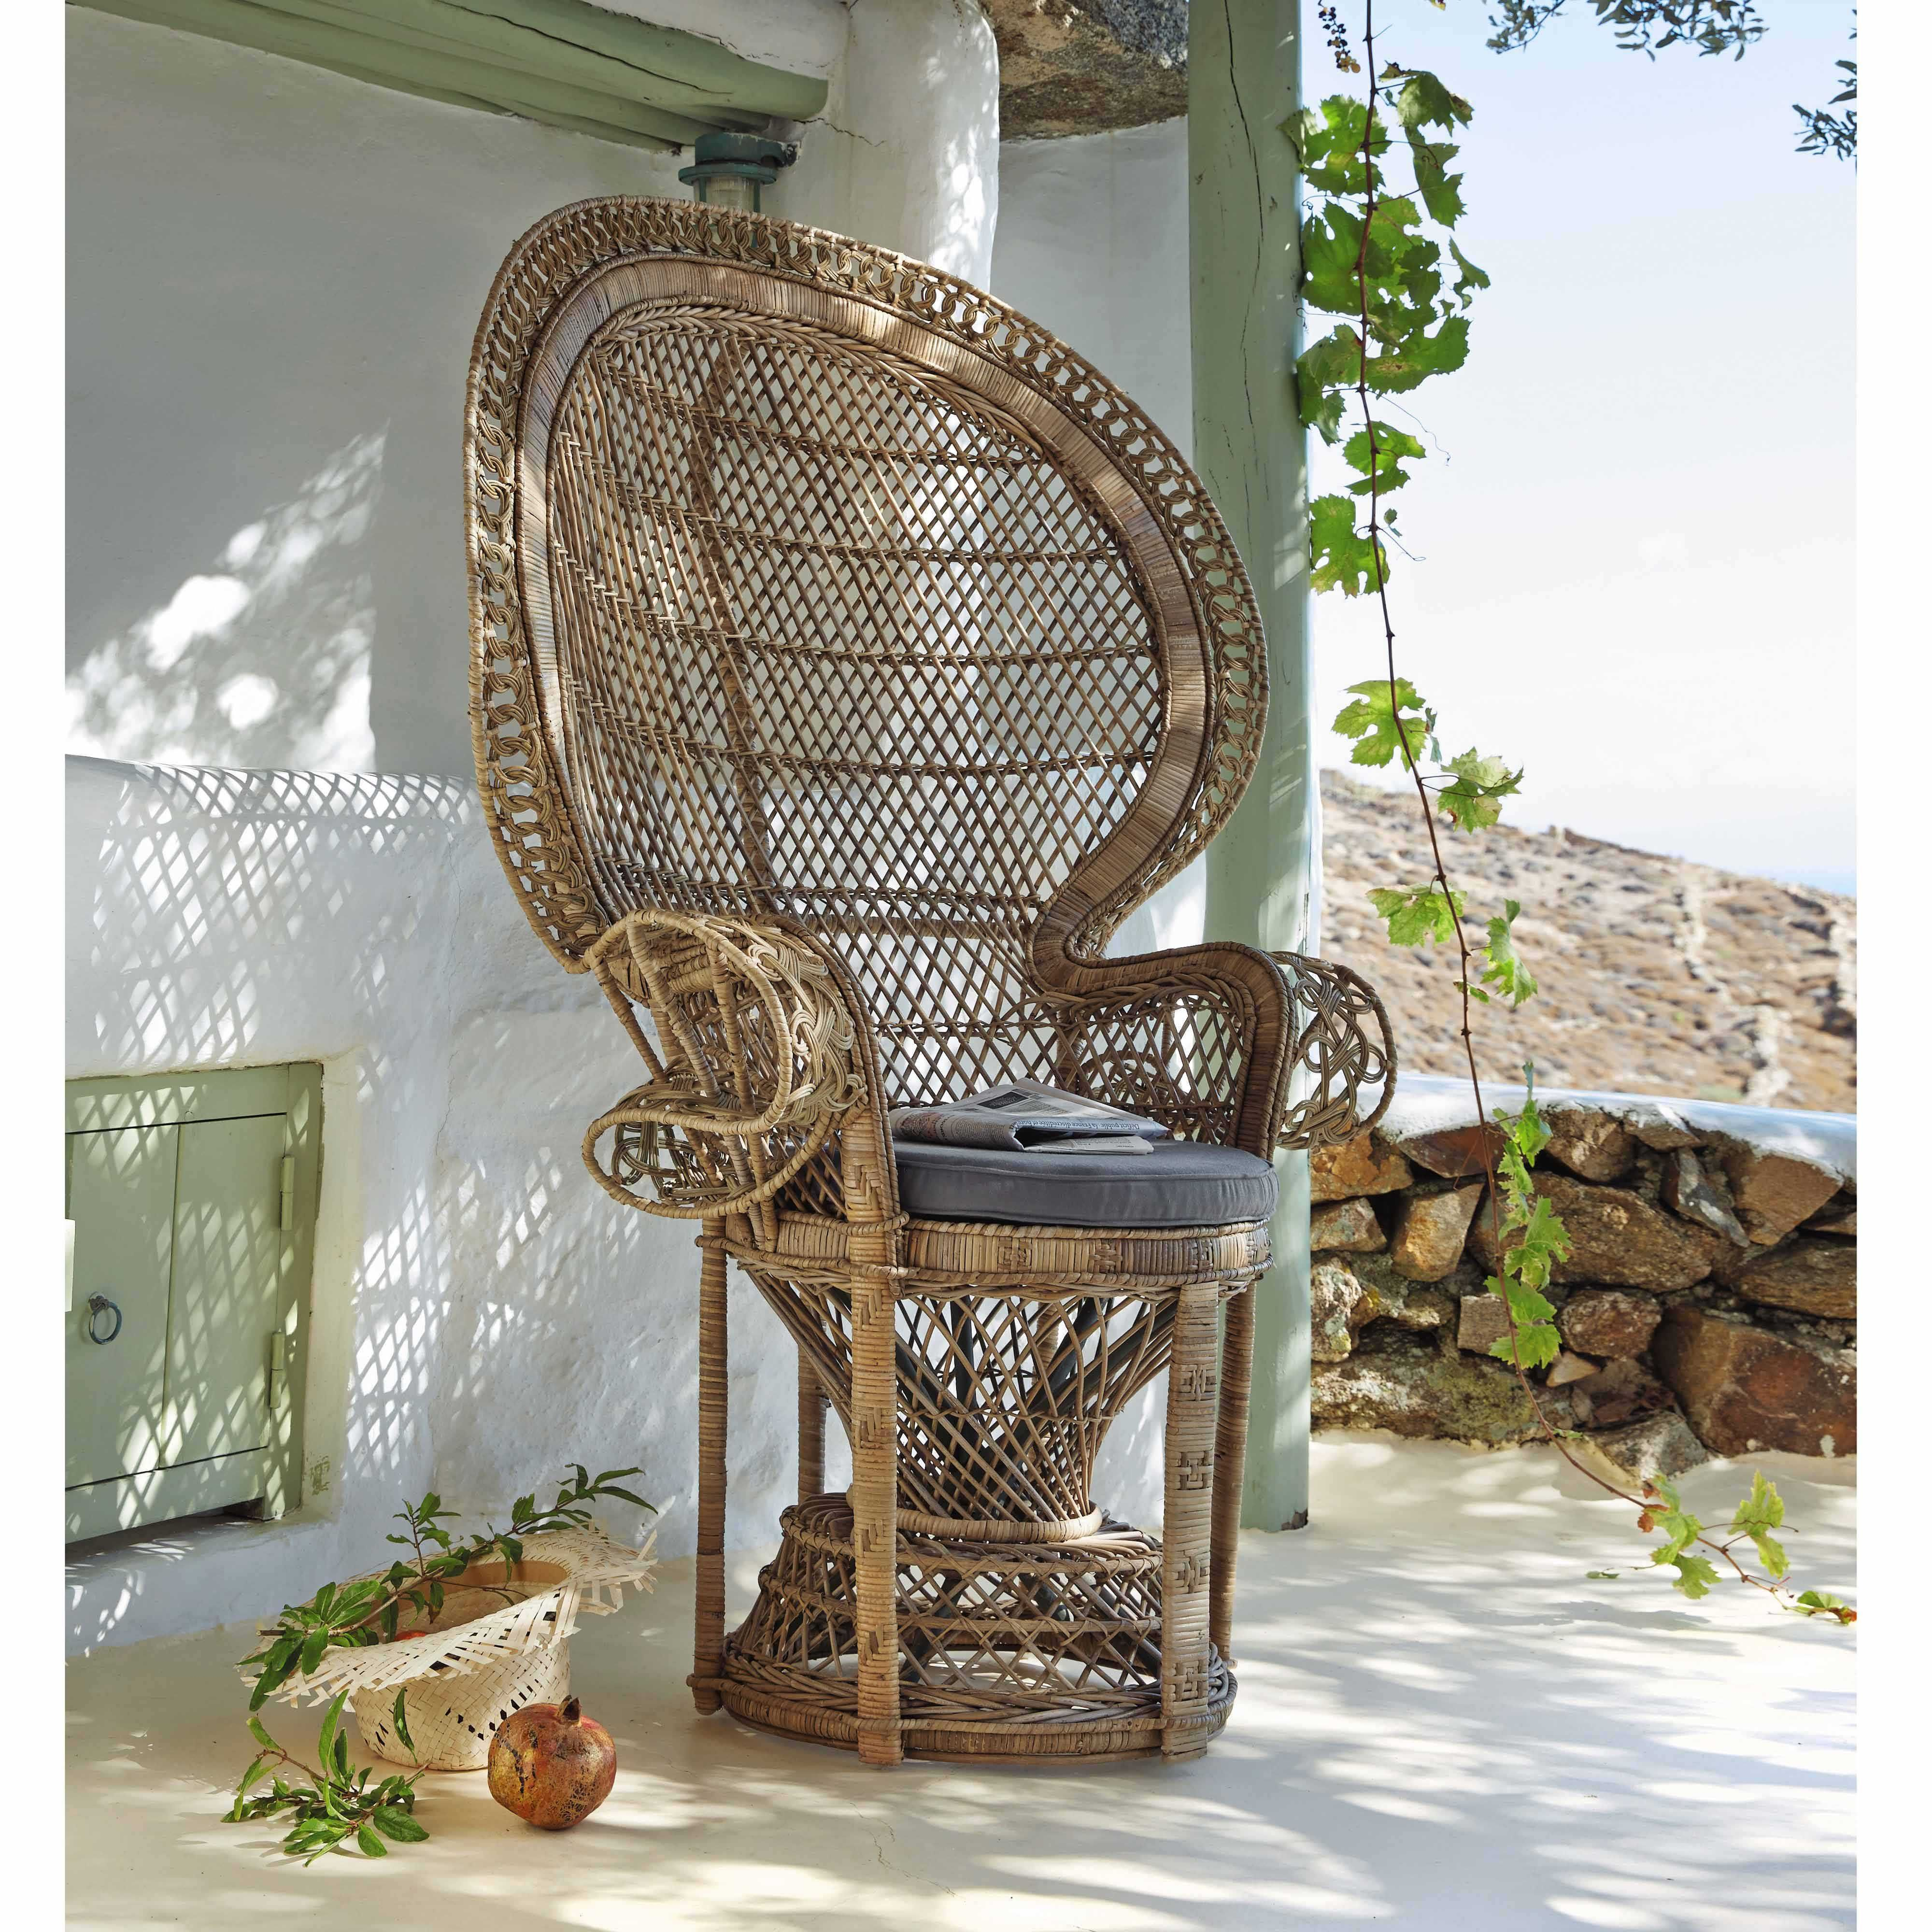 Maison Du Monde Fauteuil Rotin assises | maison du monde, fauteuil rotin et maison